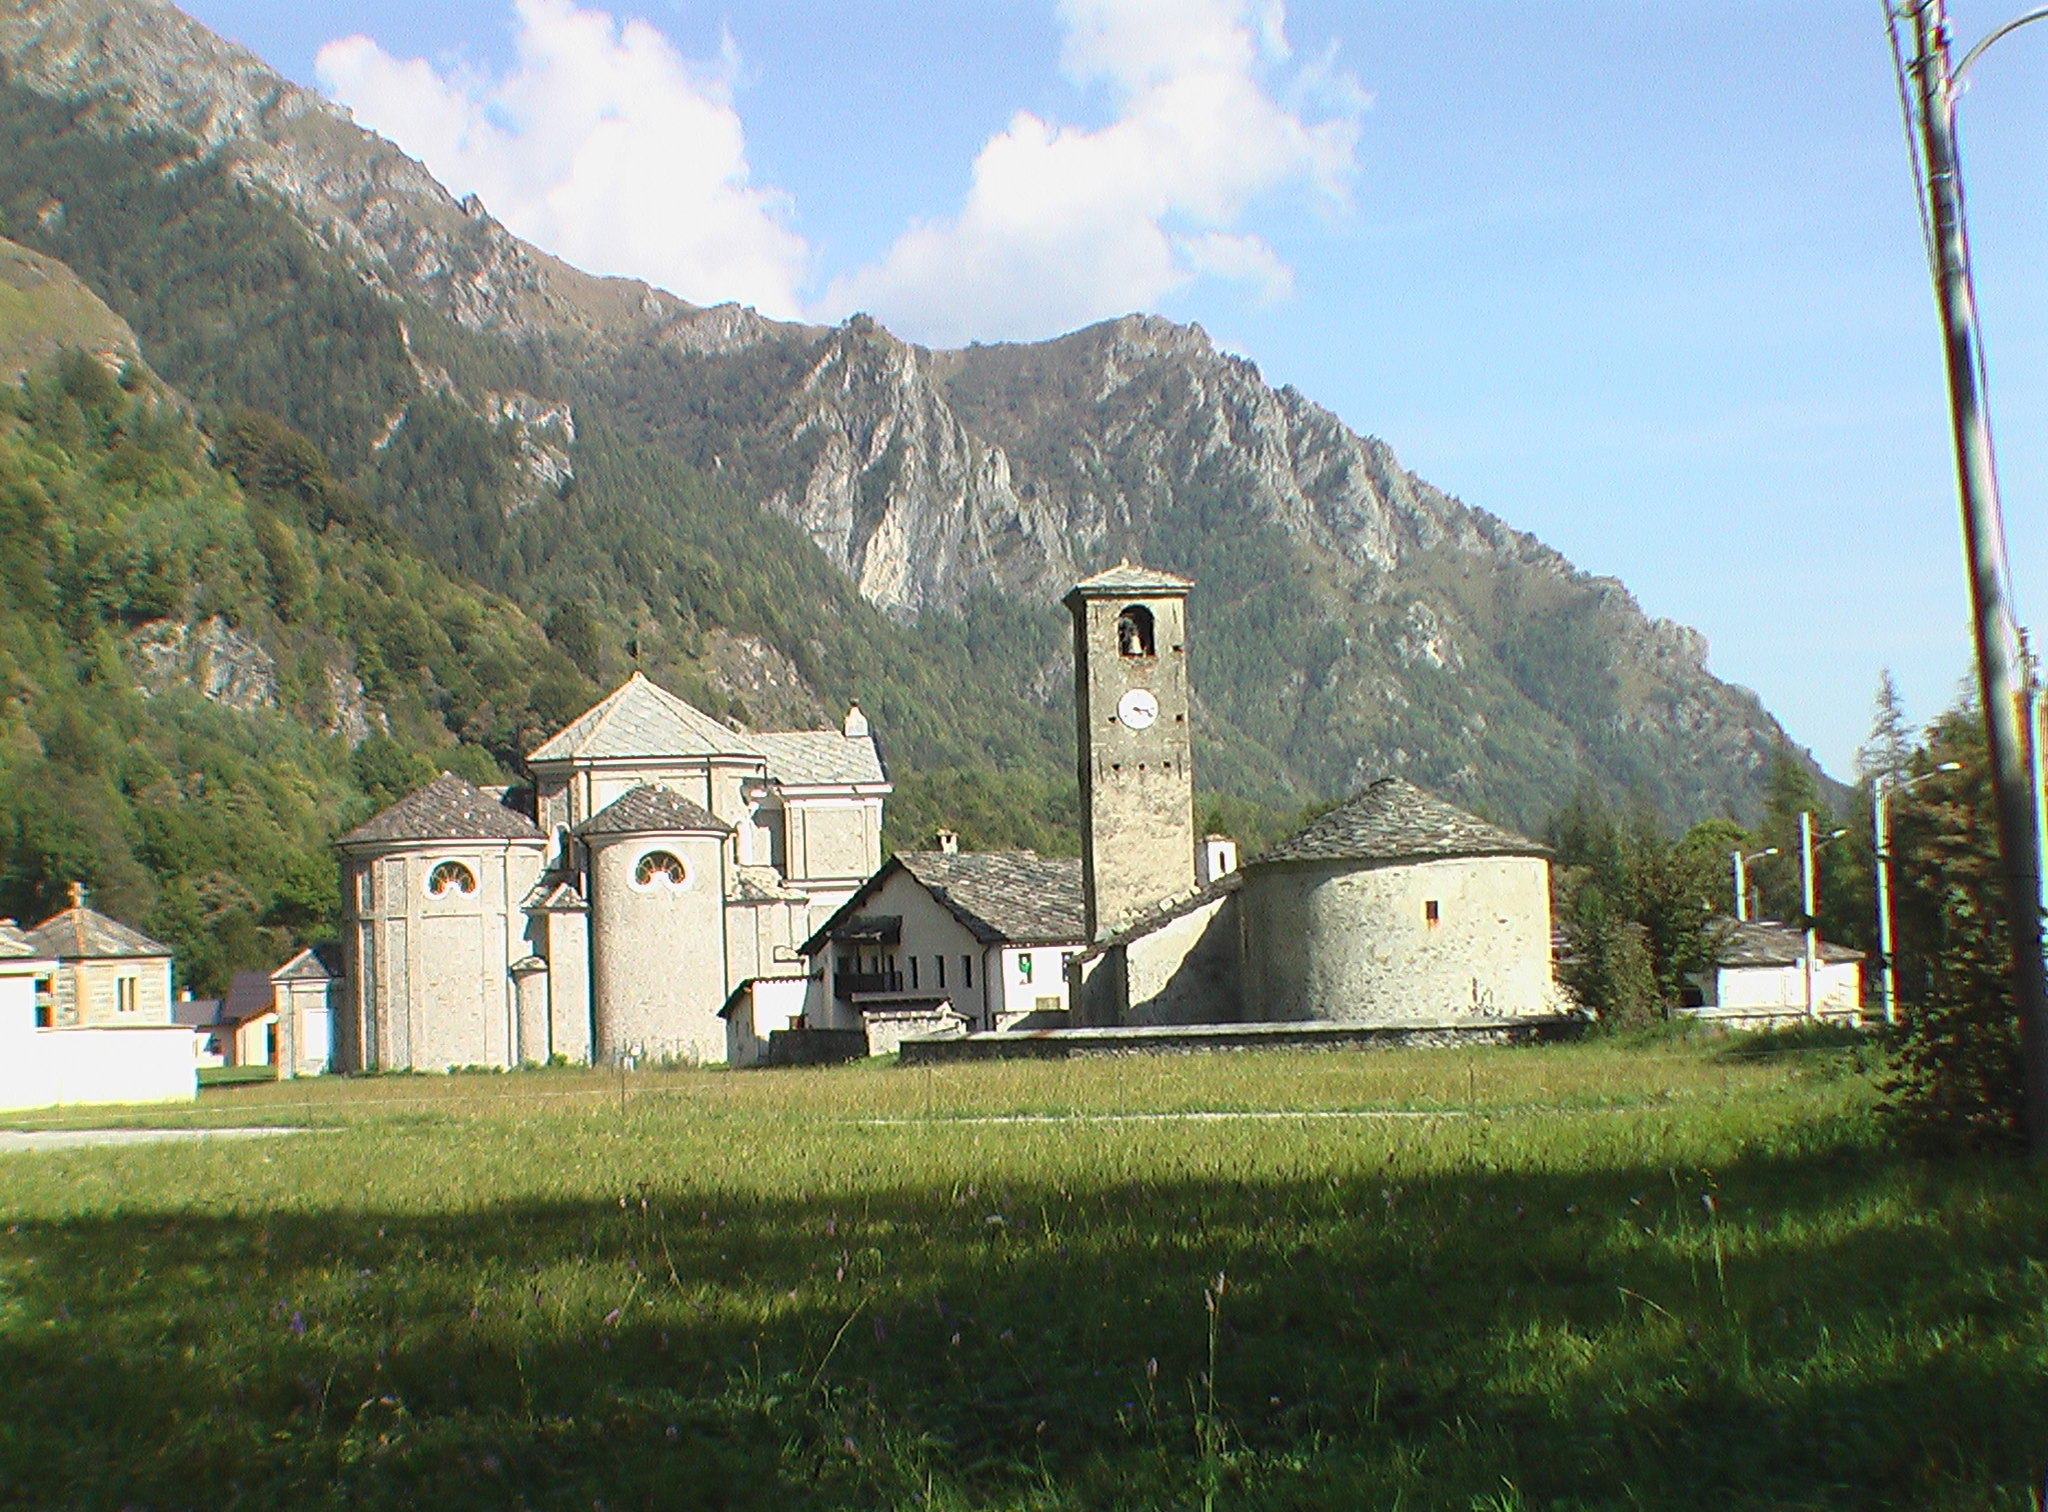 Nuestra Señora de Loreto de Groscavallo, Aparece para Pedir un Santuario, Italia (30 sep)